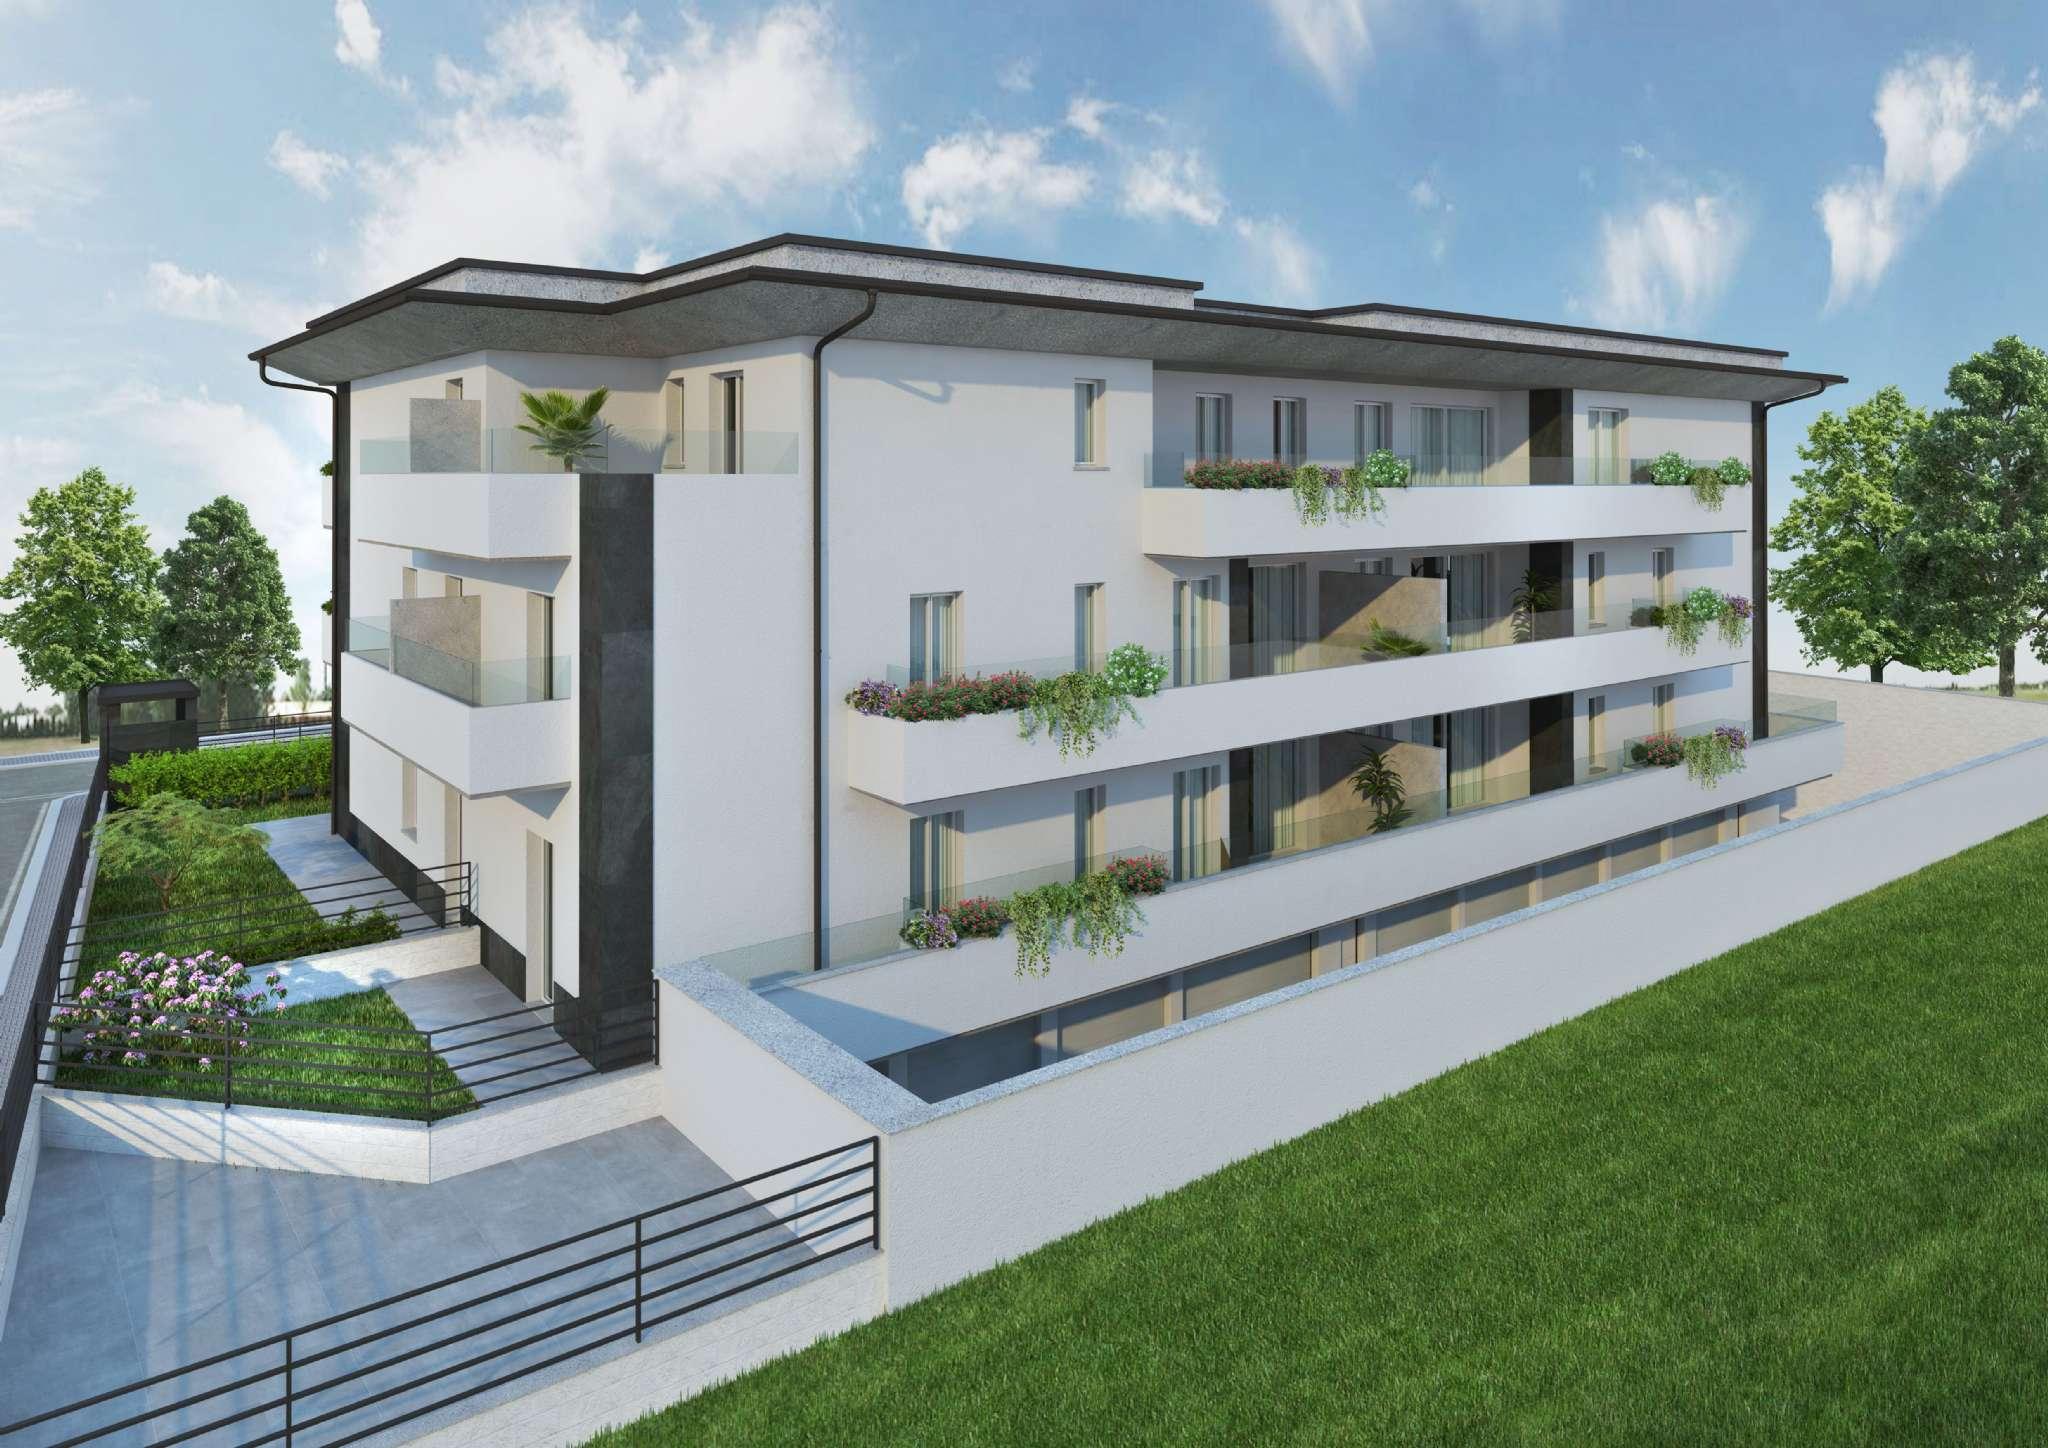 Appartamento in vendita a Busto Arsizio, 4 locali, prezzo € 285.000   PortaleAgenzieImmobiliari.it